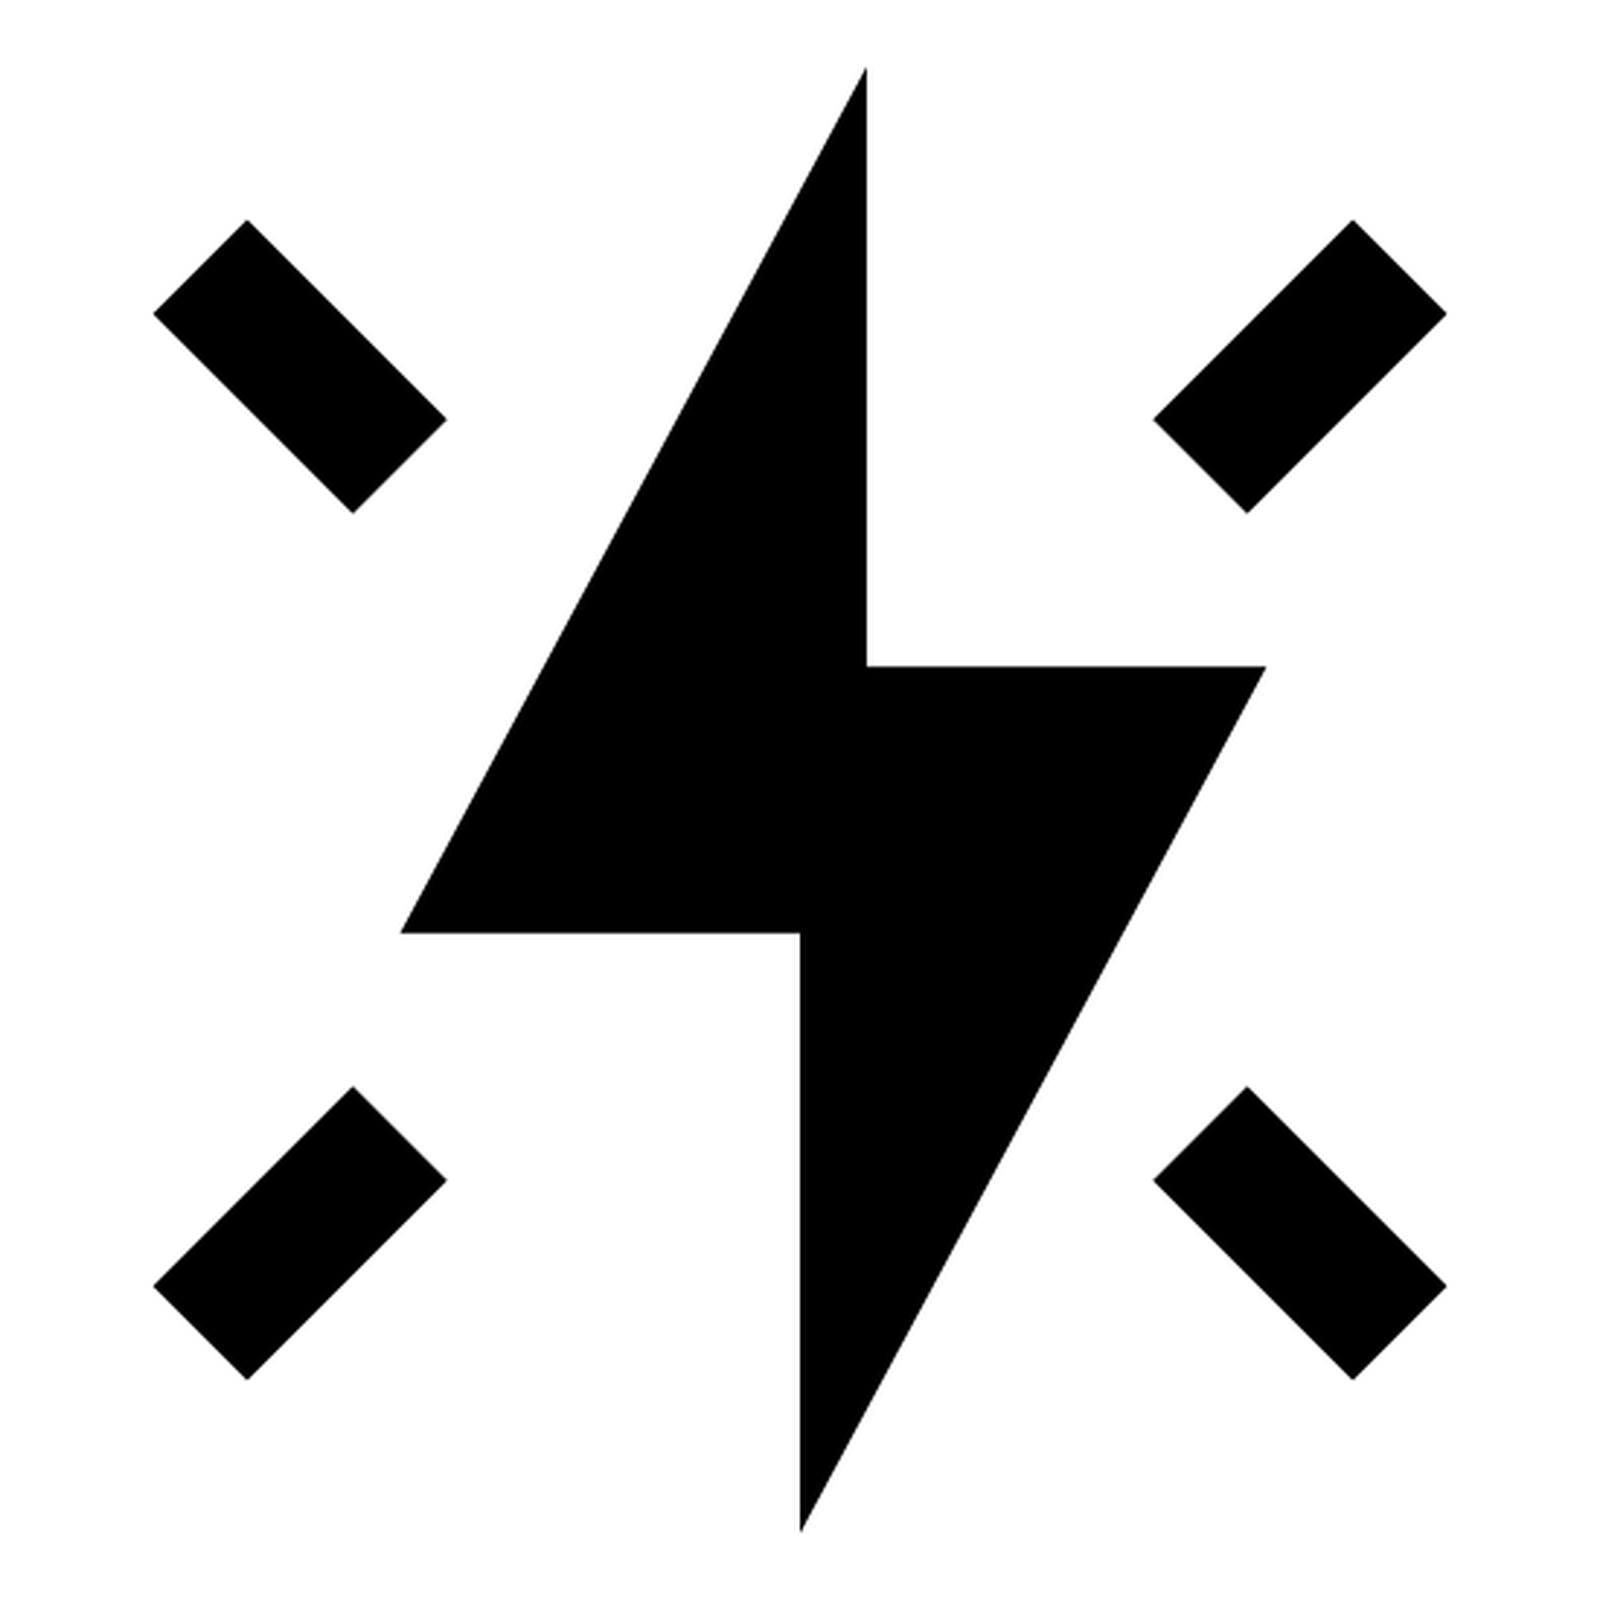 Conflicto icon